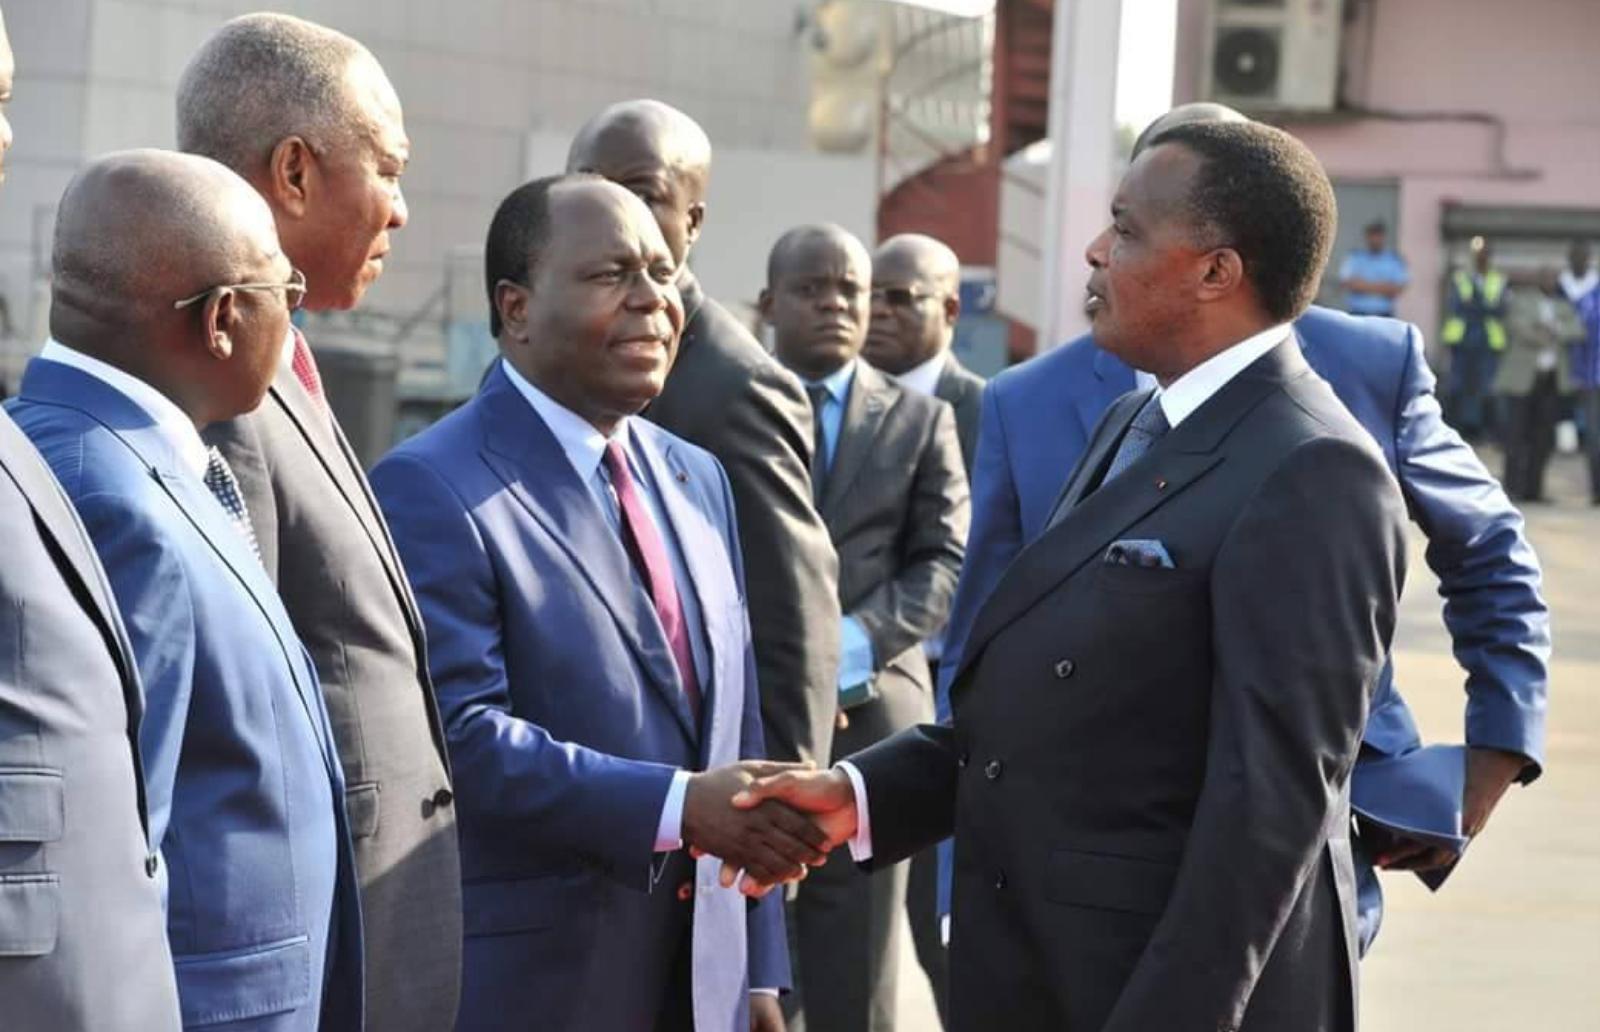 Le Président de la République, Denis Sassou-Nguesso, et le Premier ministre, Clément Mouamba